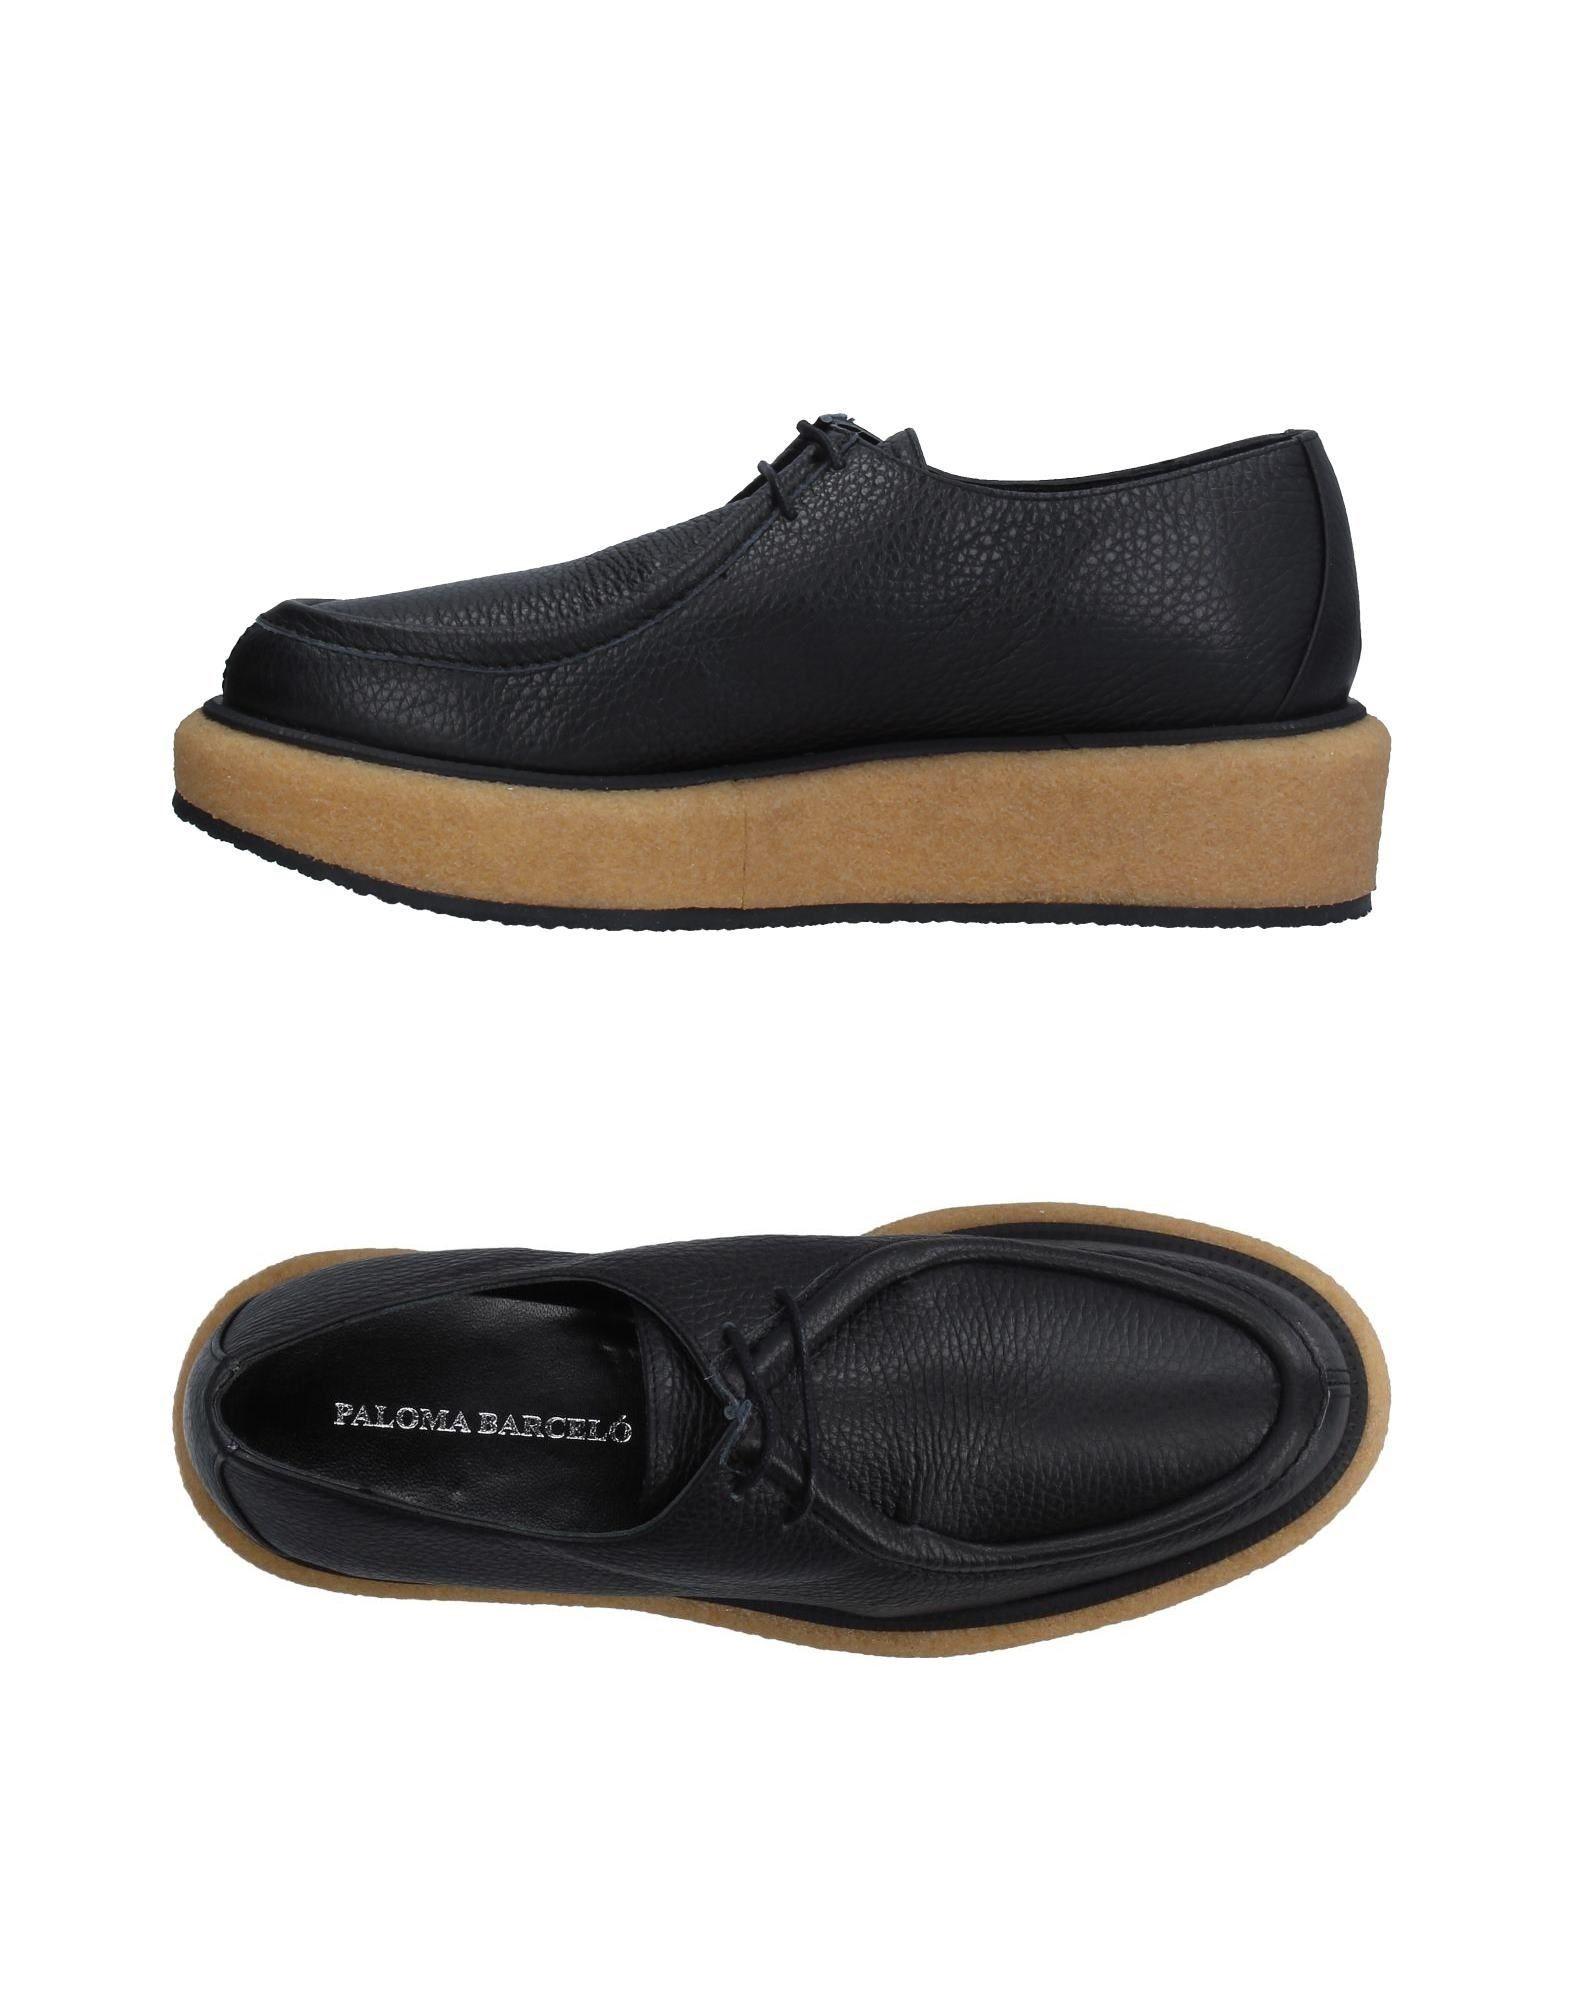 Paloma Barceló Schnürschuhe Damen  11223560AB Gute Qualität beliebte Schuhe